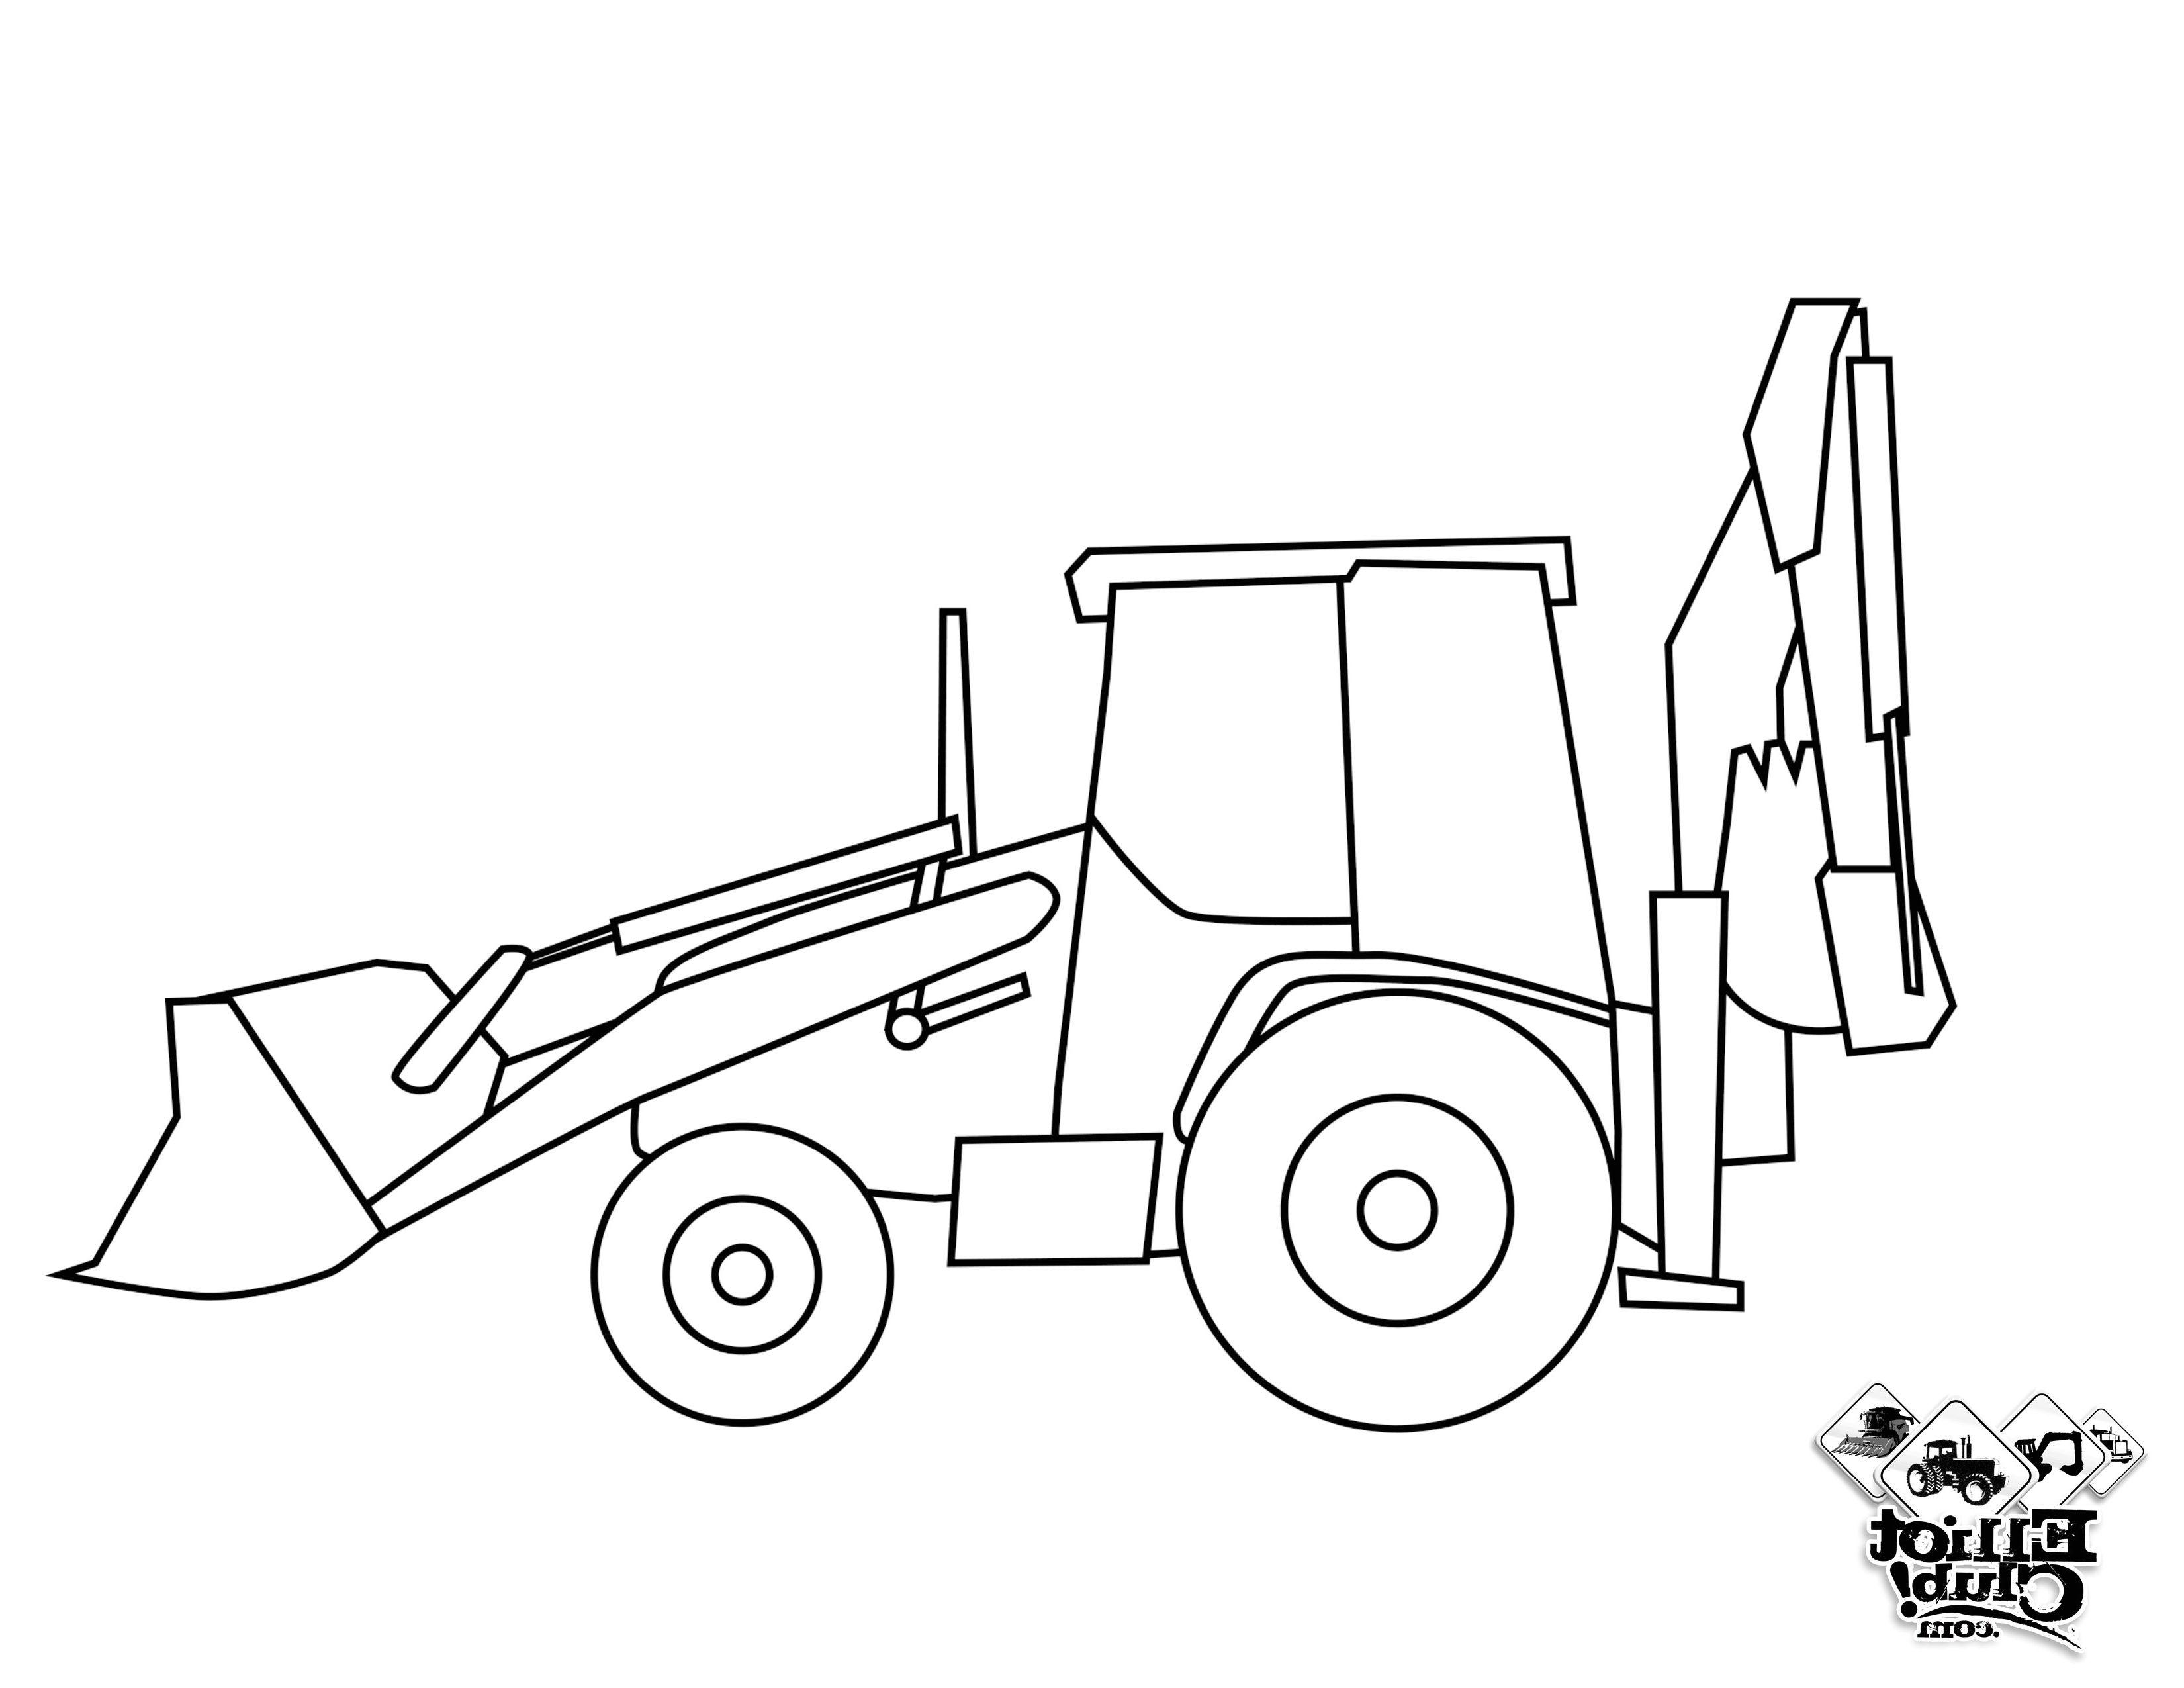 32 Meilleur De Coloriage Camion Galerie   Coloriage camion ...